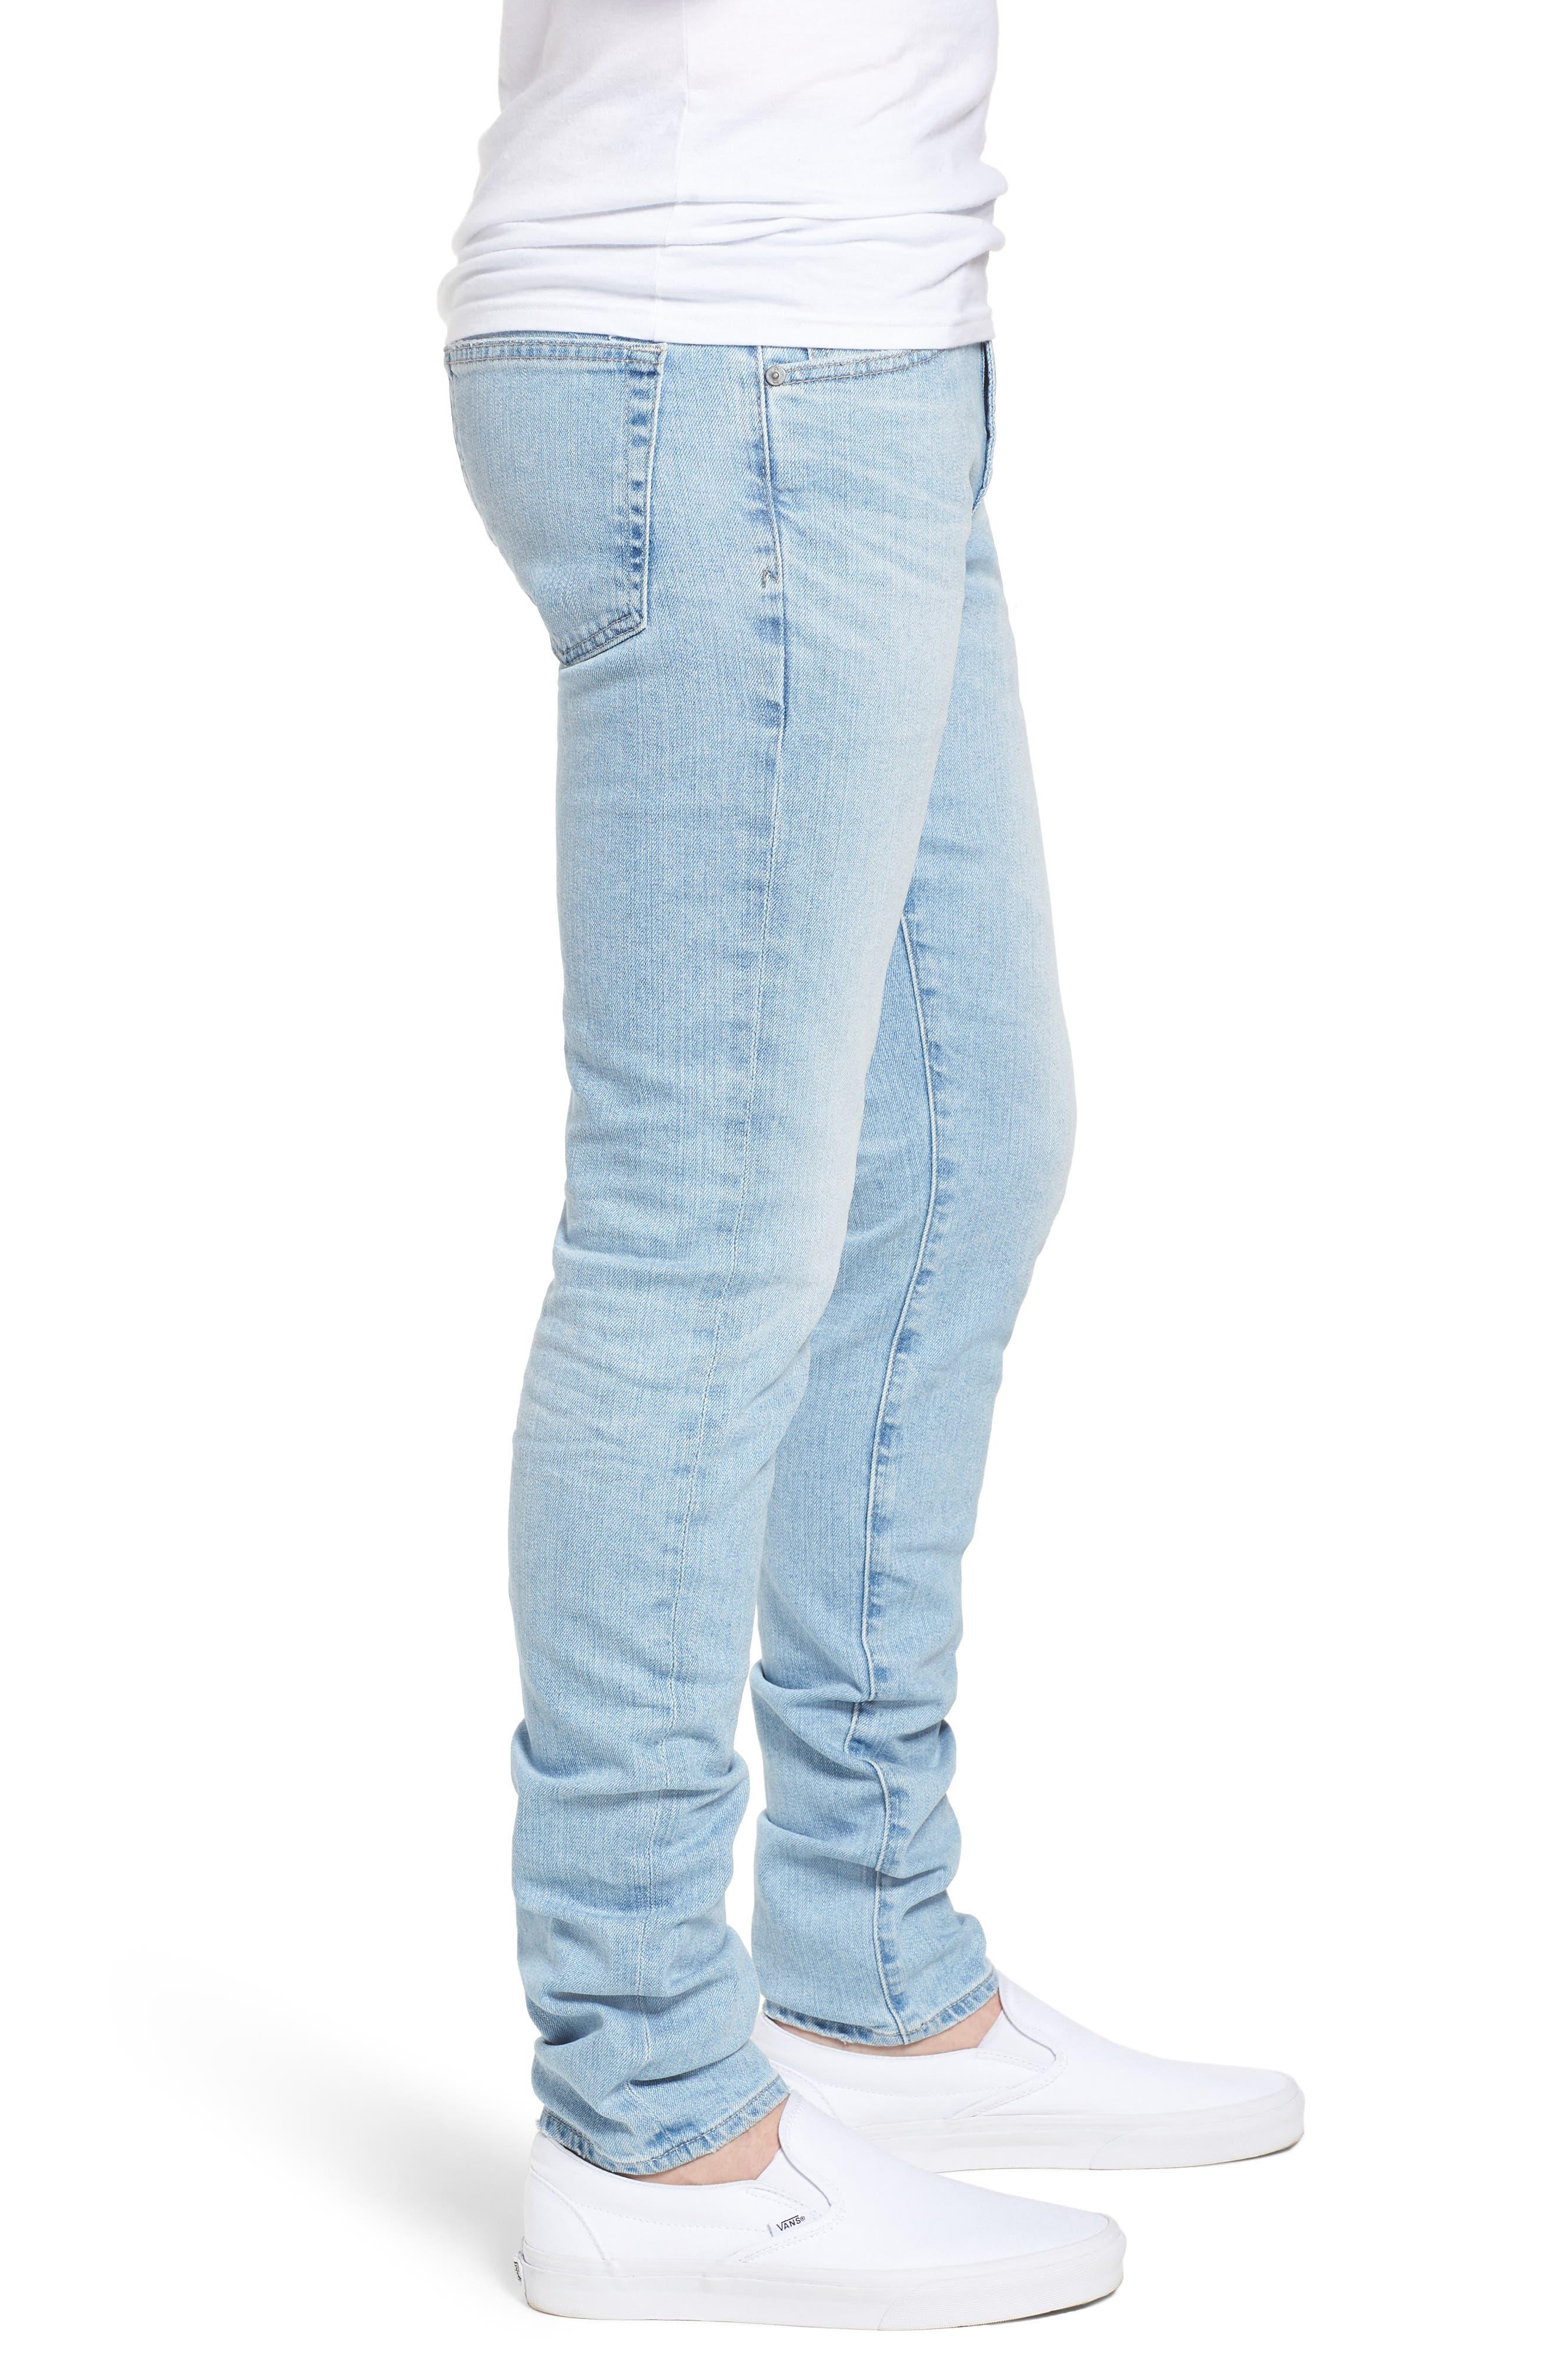 Stockton Skinny Fit Jeans,                             Alternate thumbnail 3, color,                             494